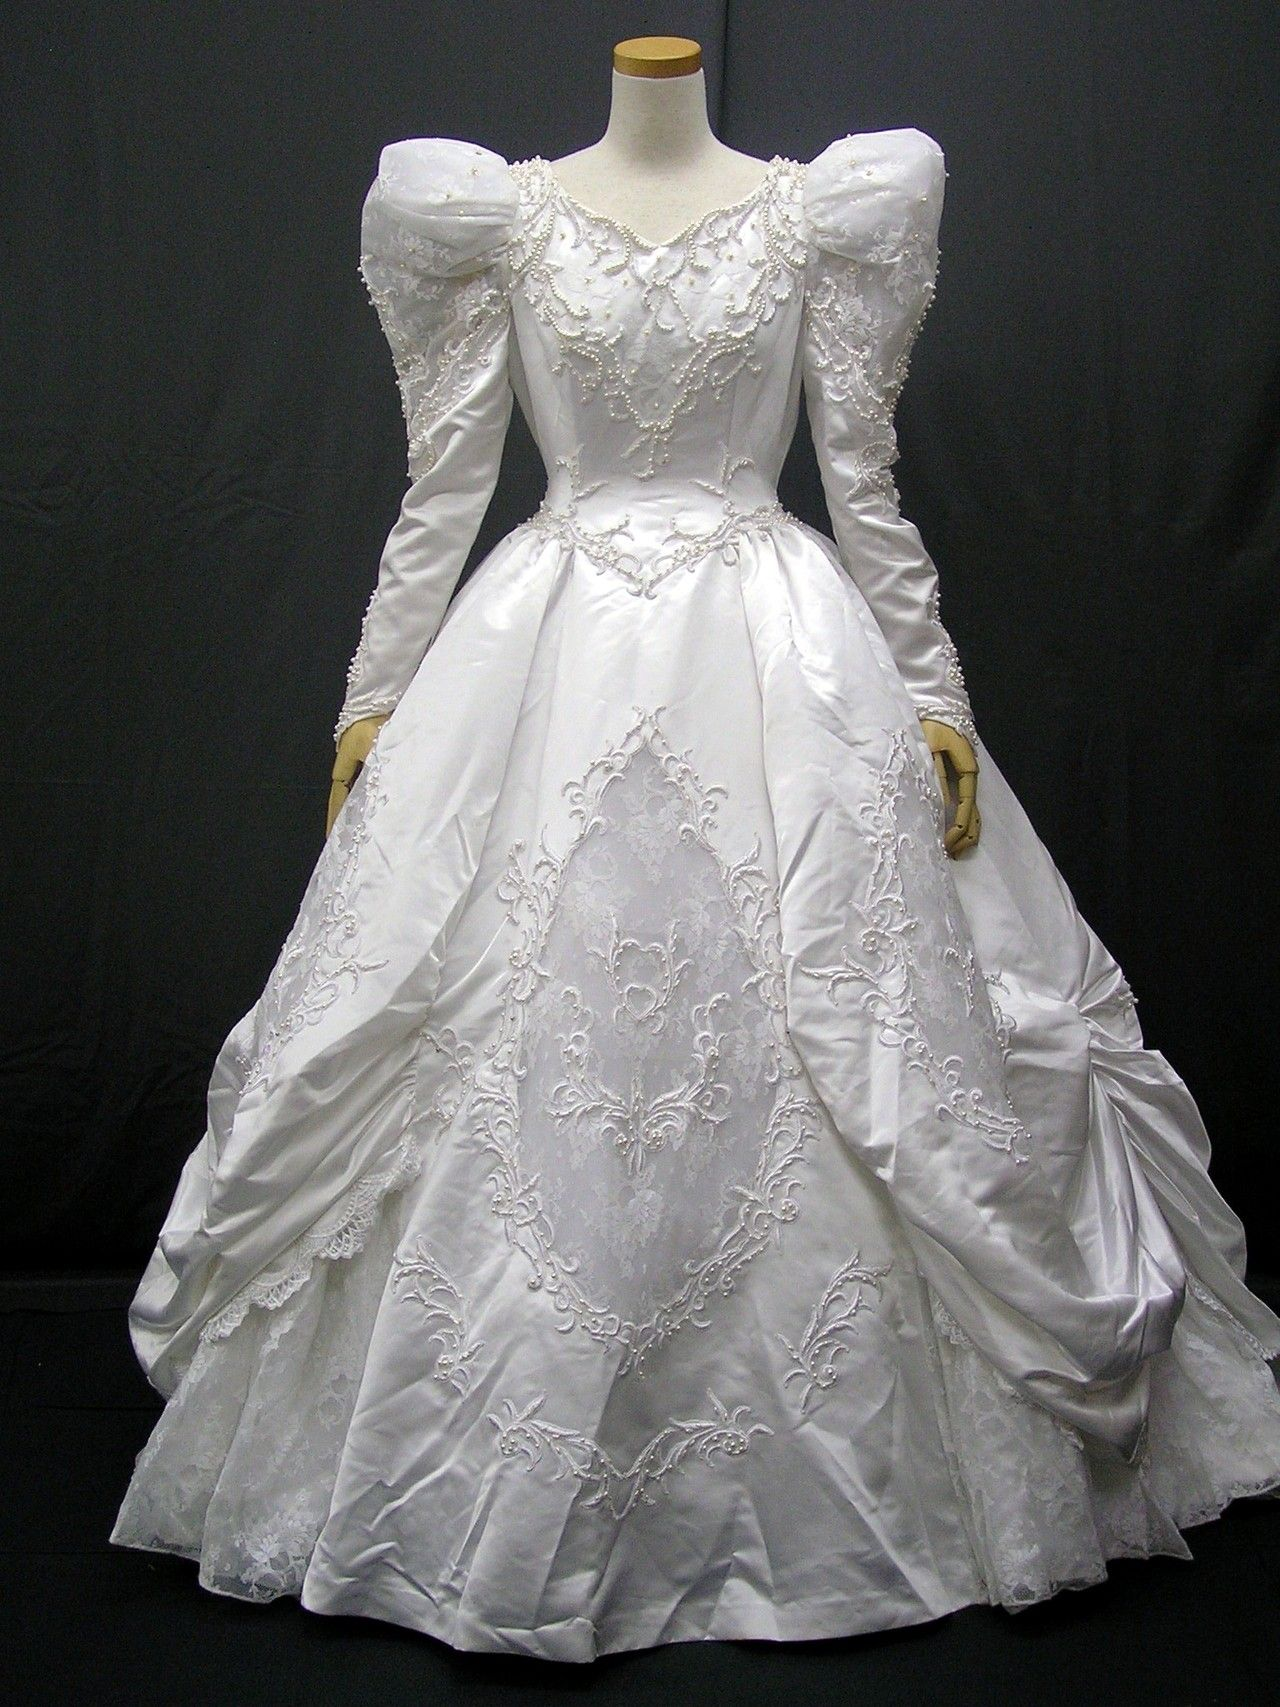 dball ~ dress ballgown | jurken | Pinterest | Brautkleider und Kleider